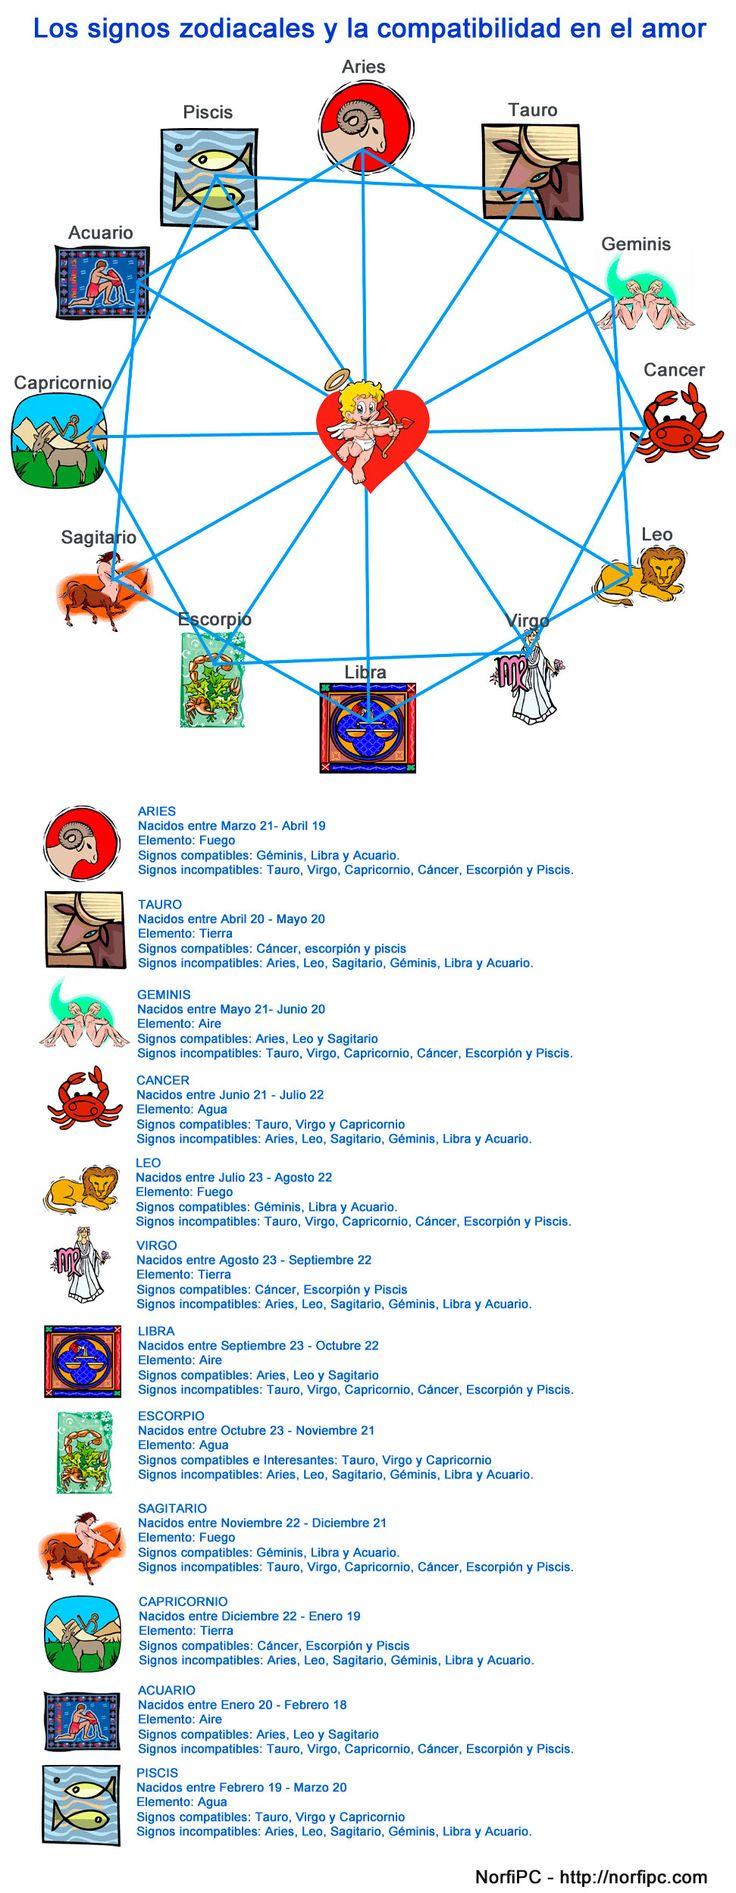 Infografía en la que se muestra de forma sencilla los signos compatibles en el amor, además información básica sobre cada signo, como la fecha de nacimiento y los que son incompatibles.